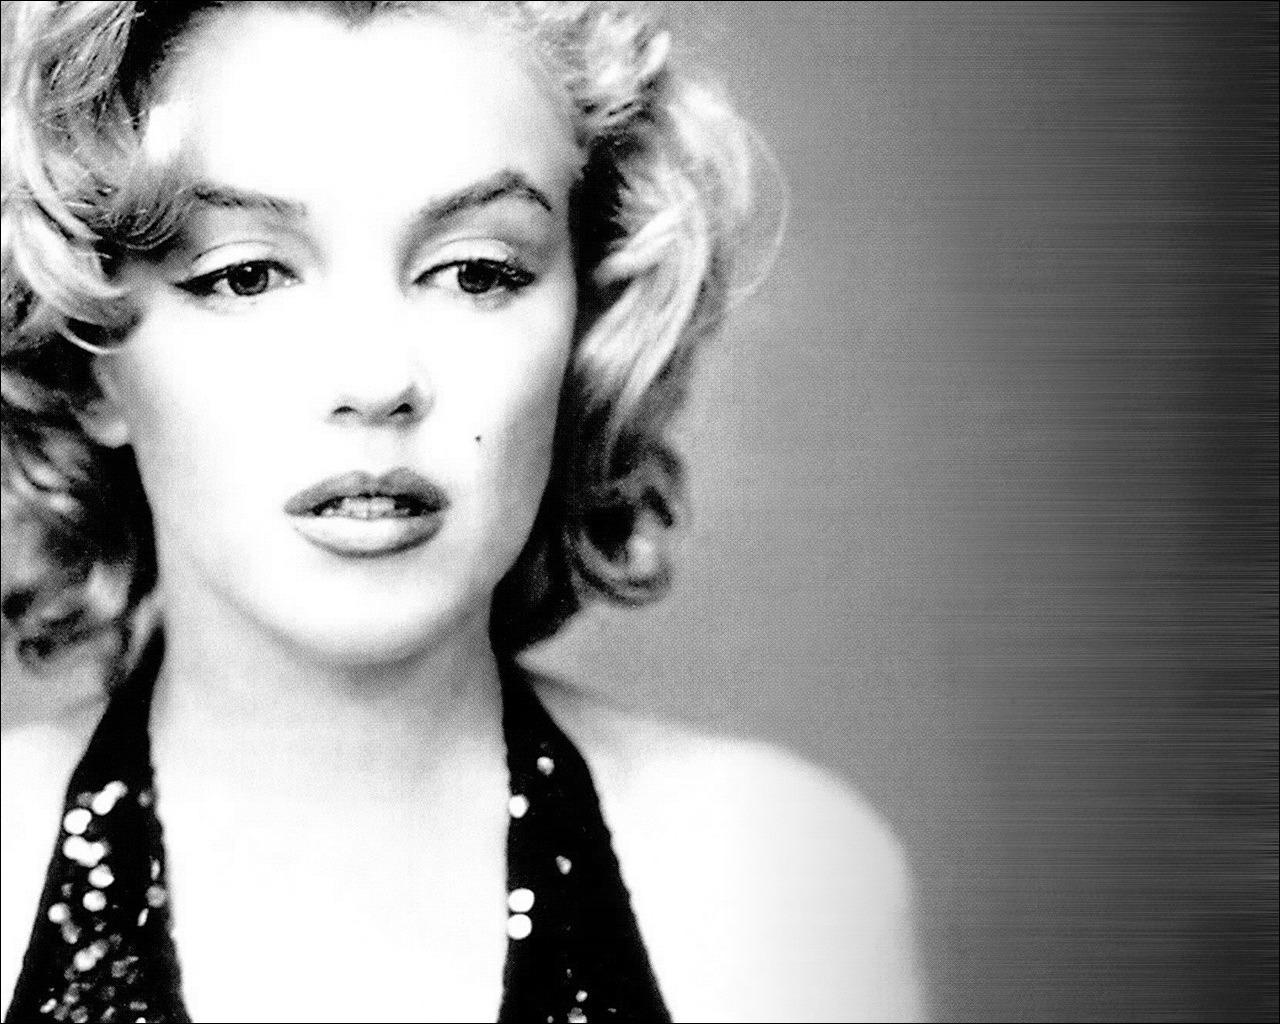 http://1.bp.blogspot.com/-ZumHEvl0yTY/TlSuIpef3SI/AAAAAAAAALo/cCCuM7WbTwc/s1600/136991-Marilyn-Monroe-Screen-Saver.jpg